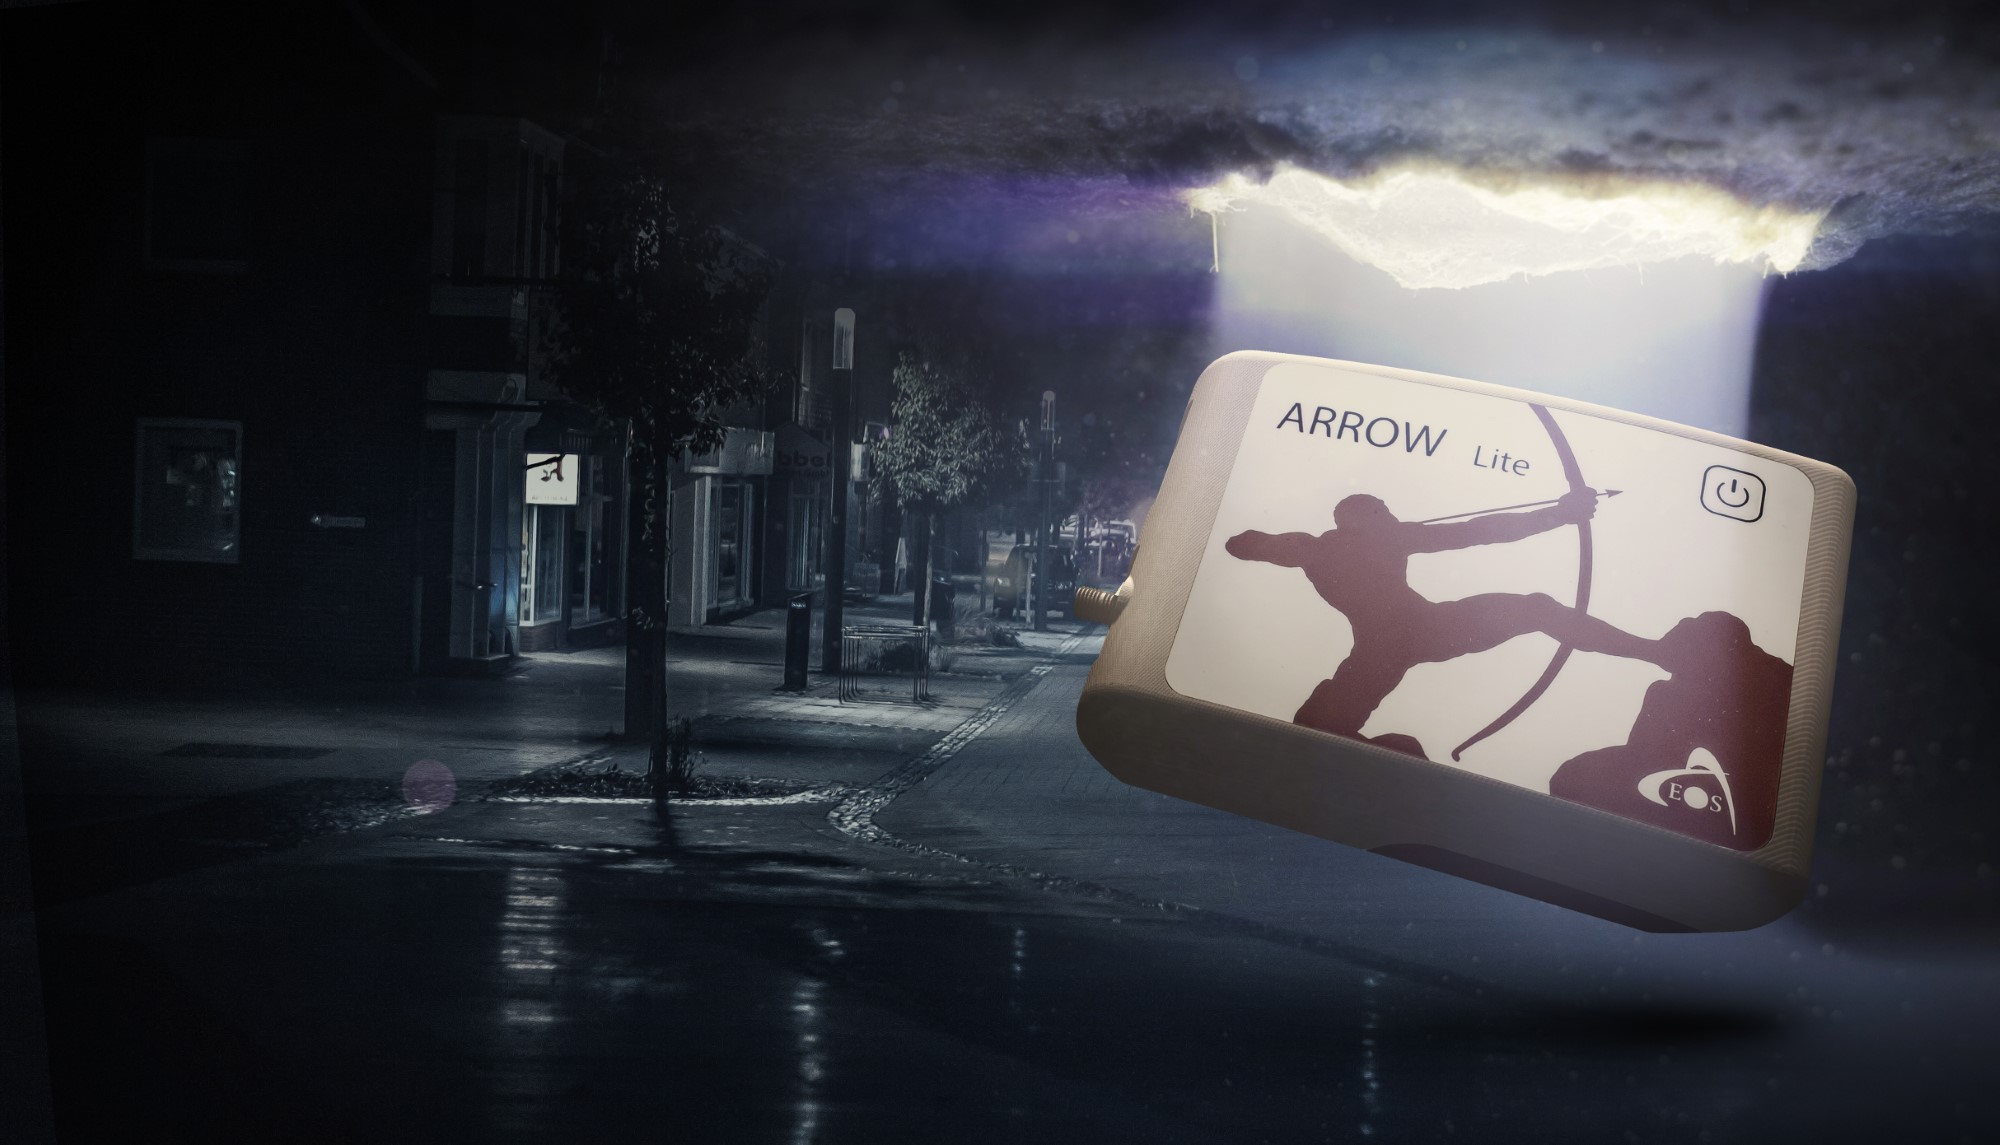 arrow-lite-2019-v2